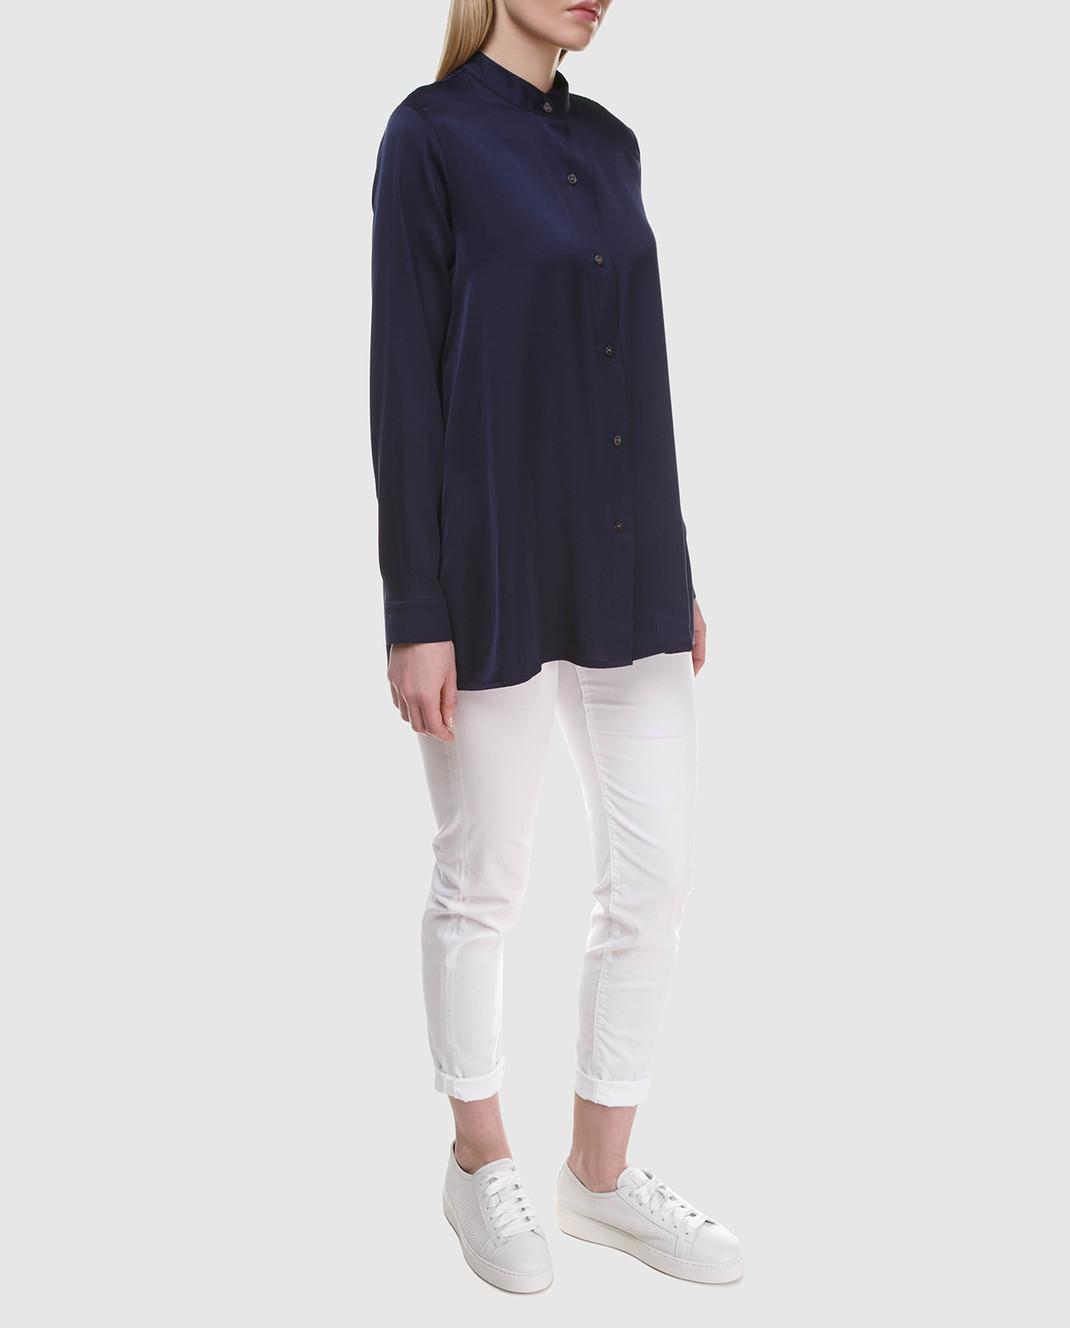 Allude Синяя блуза 18283003 изображение 2